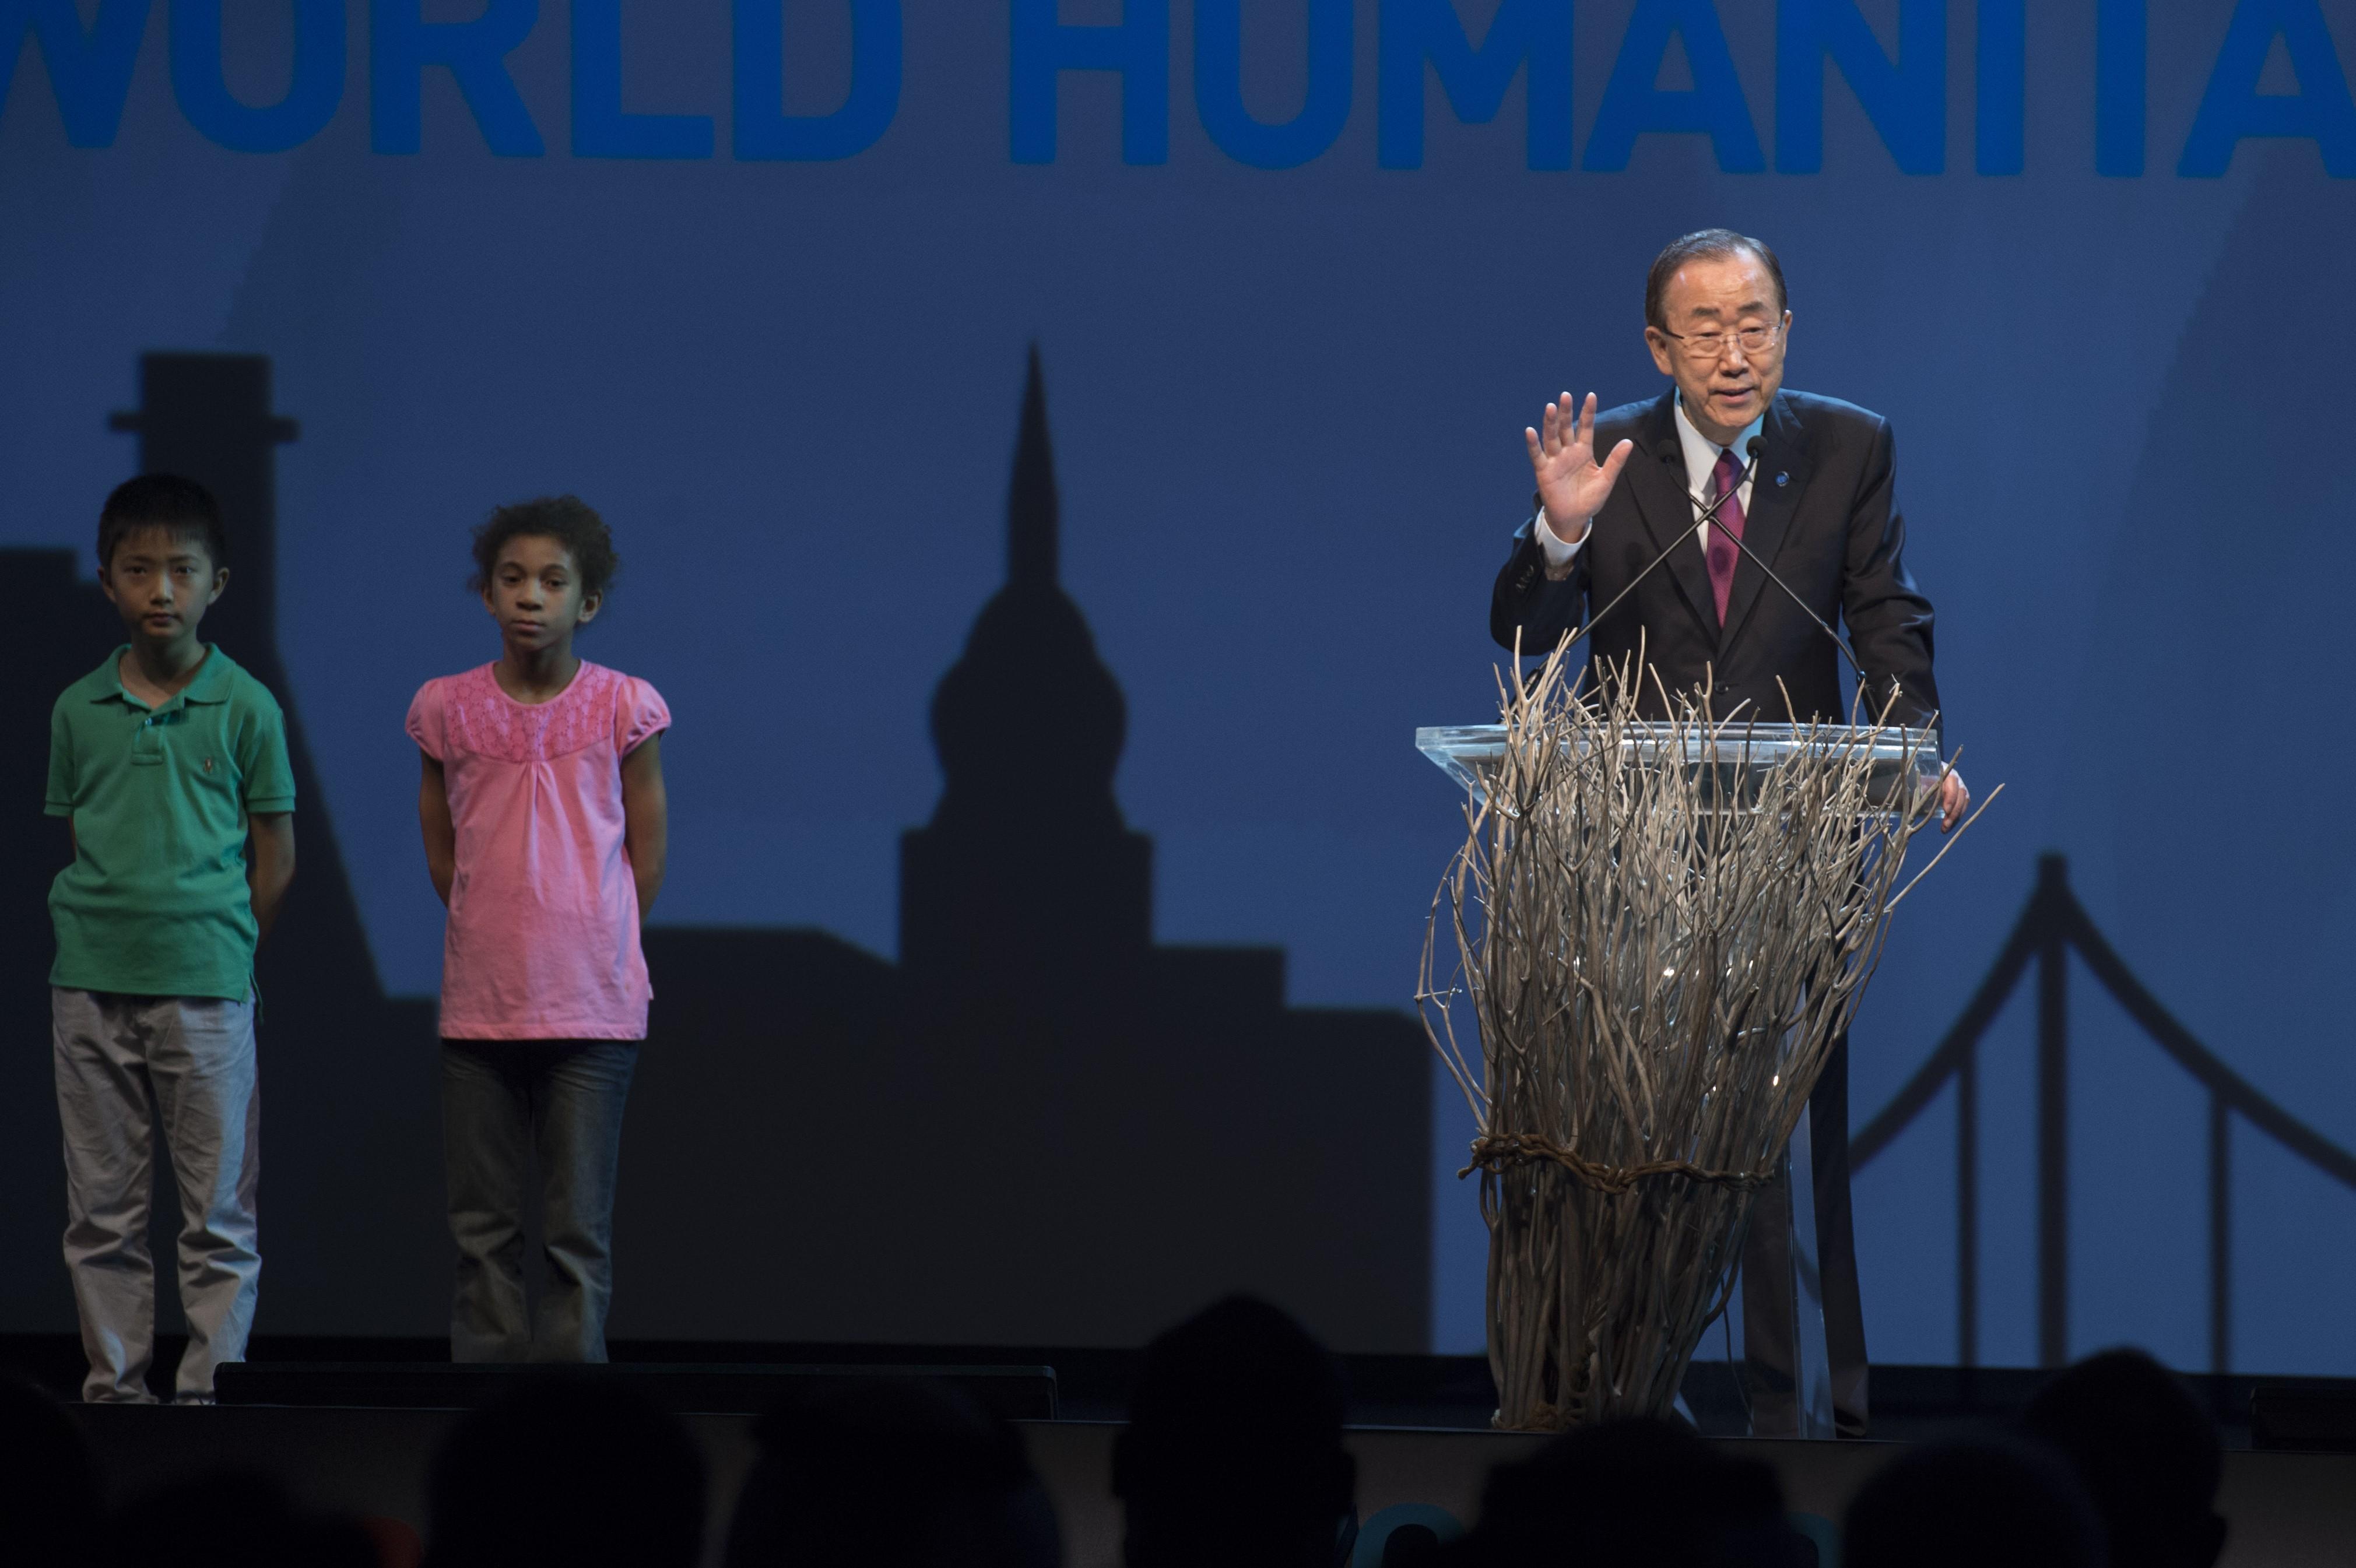 聯合國祕書長潘基文在伊斯坦堡人道高峰會開幕典禮